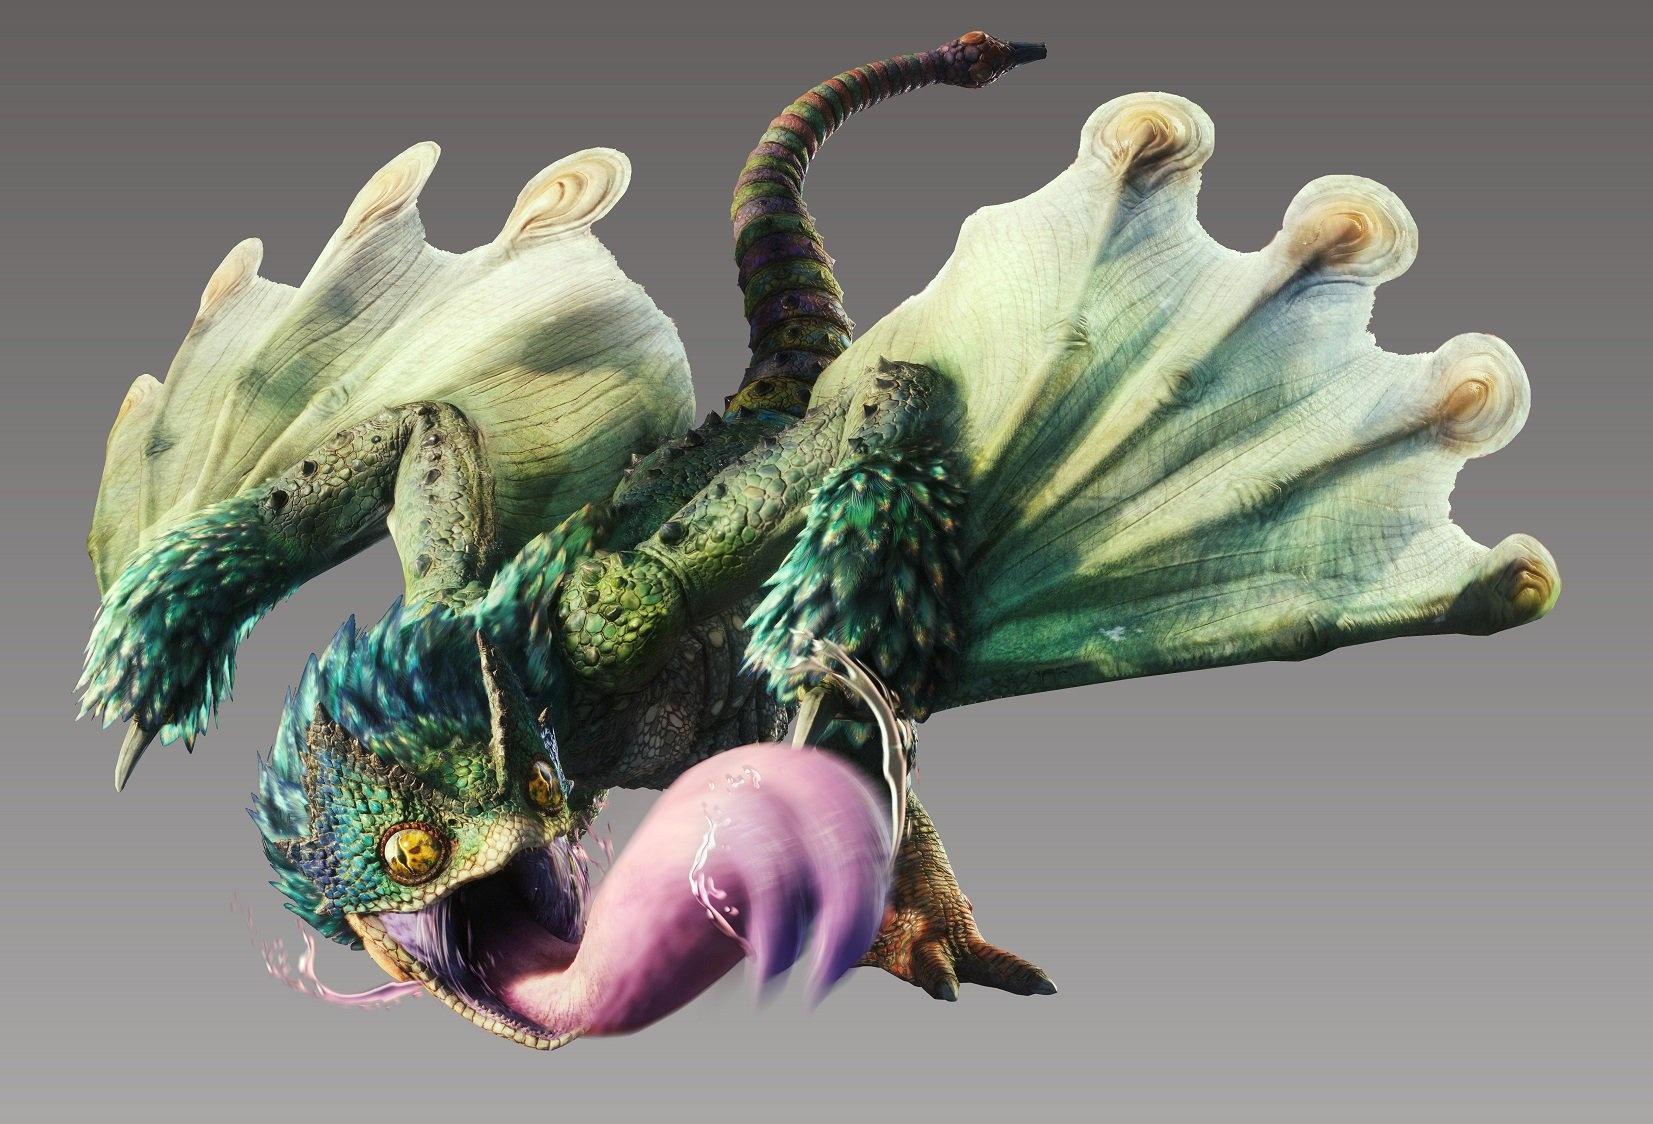 PSP(3DasS) 這是鳥龍種不是獸龍種 這是牙龍種不是蛇龍種也不是飛龍種更不是海龍種 這是鳥龍種不是飛龍種 這是 ...